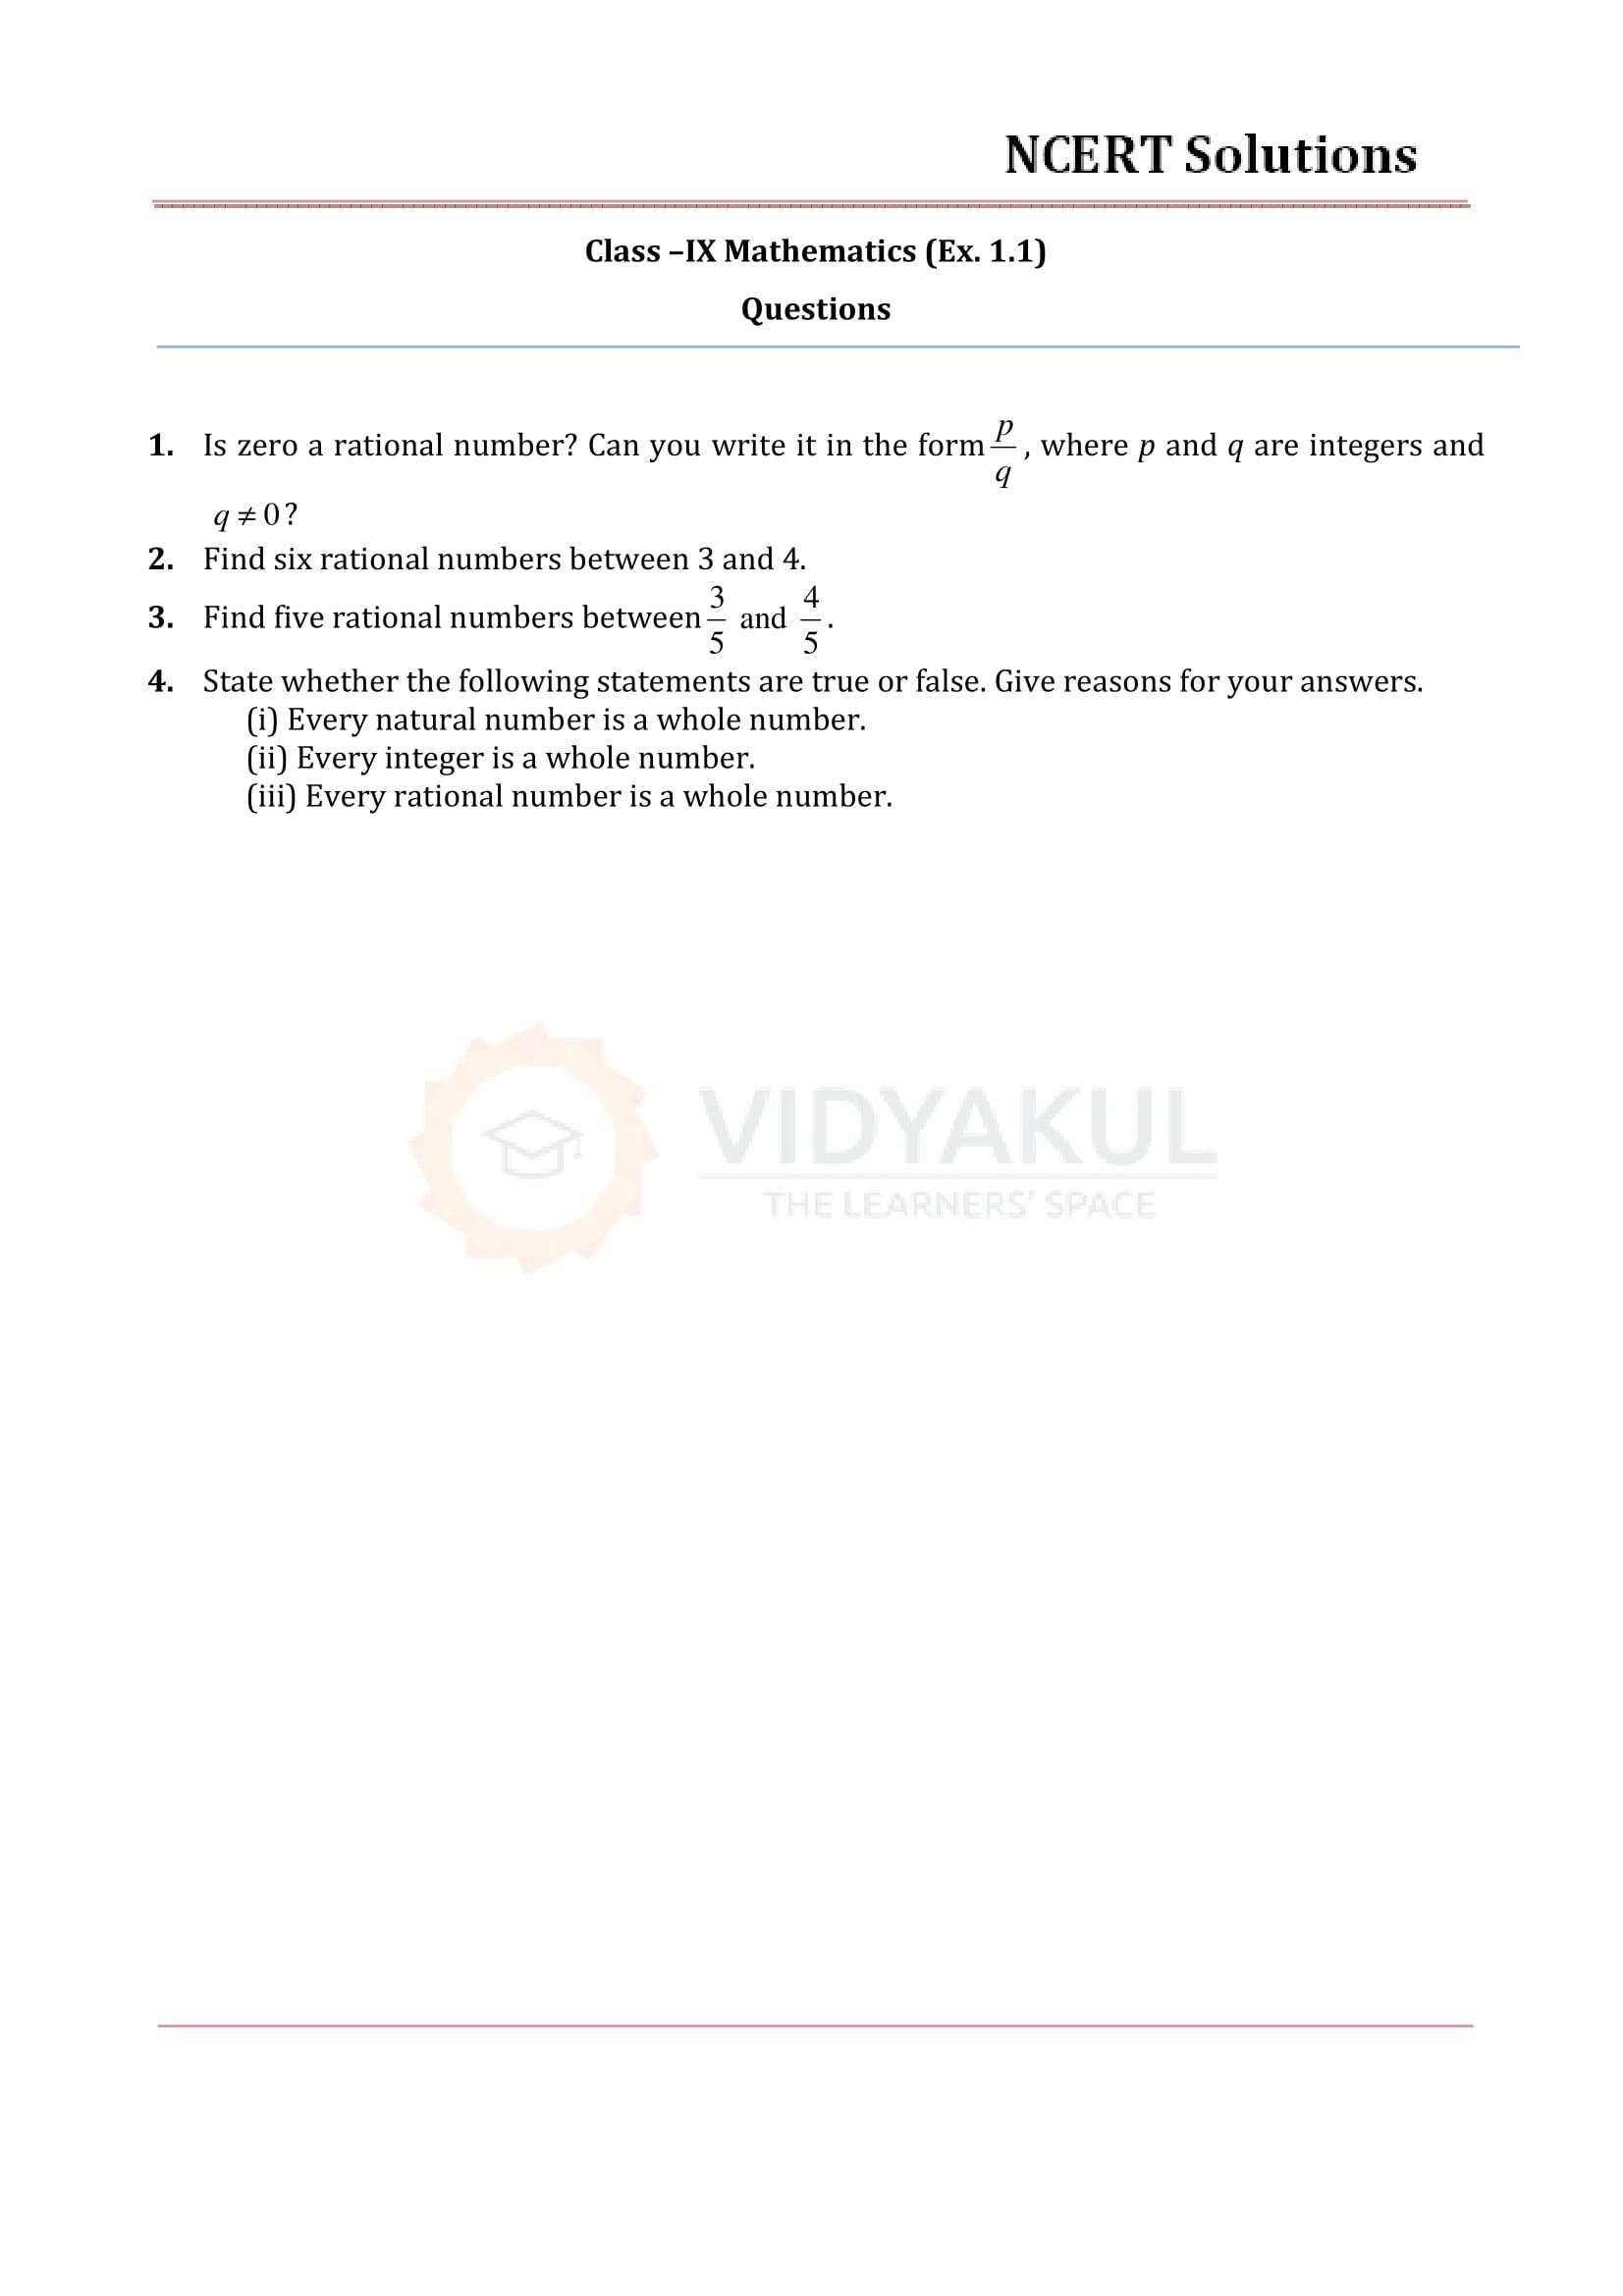 ncert maths book class 11 pdf chapter 1